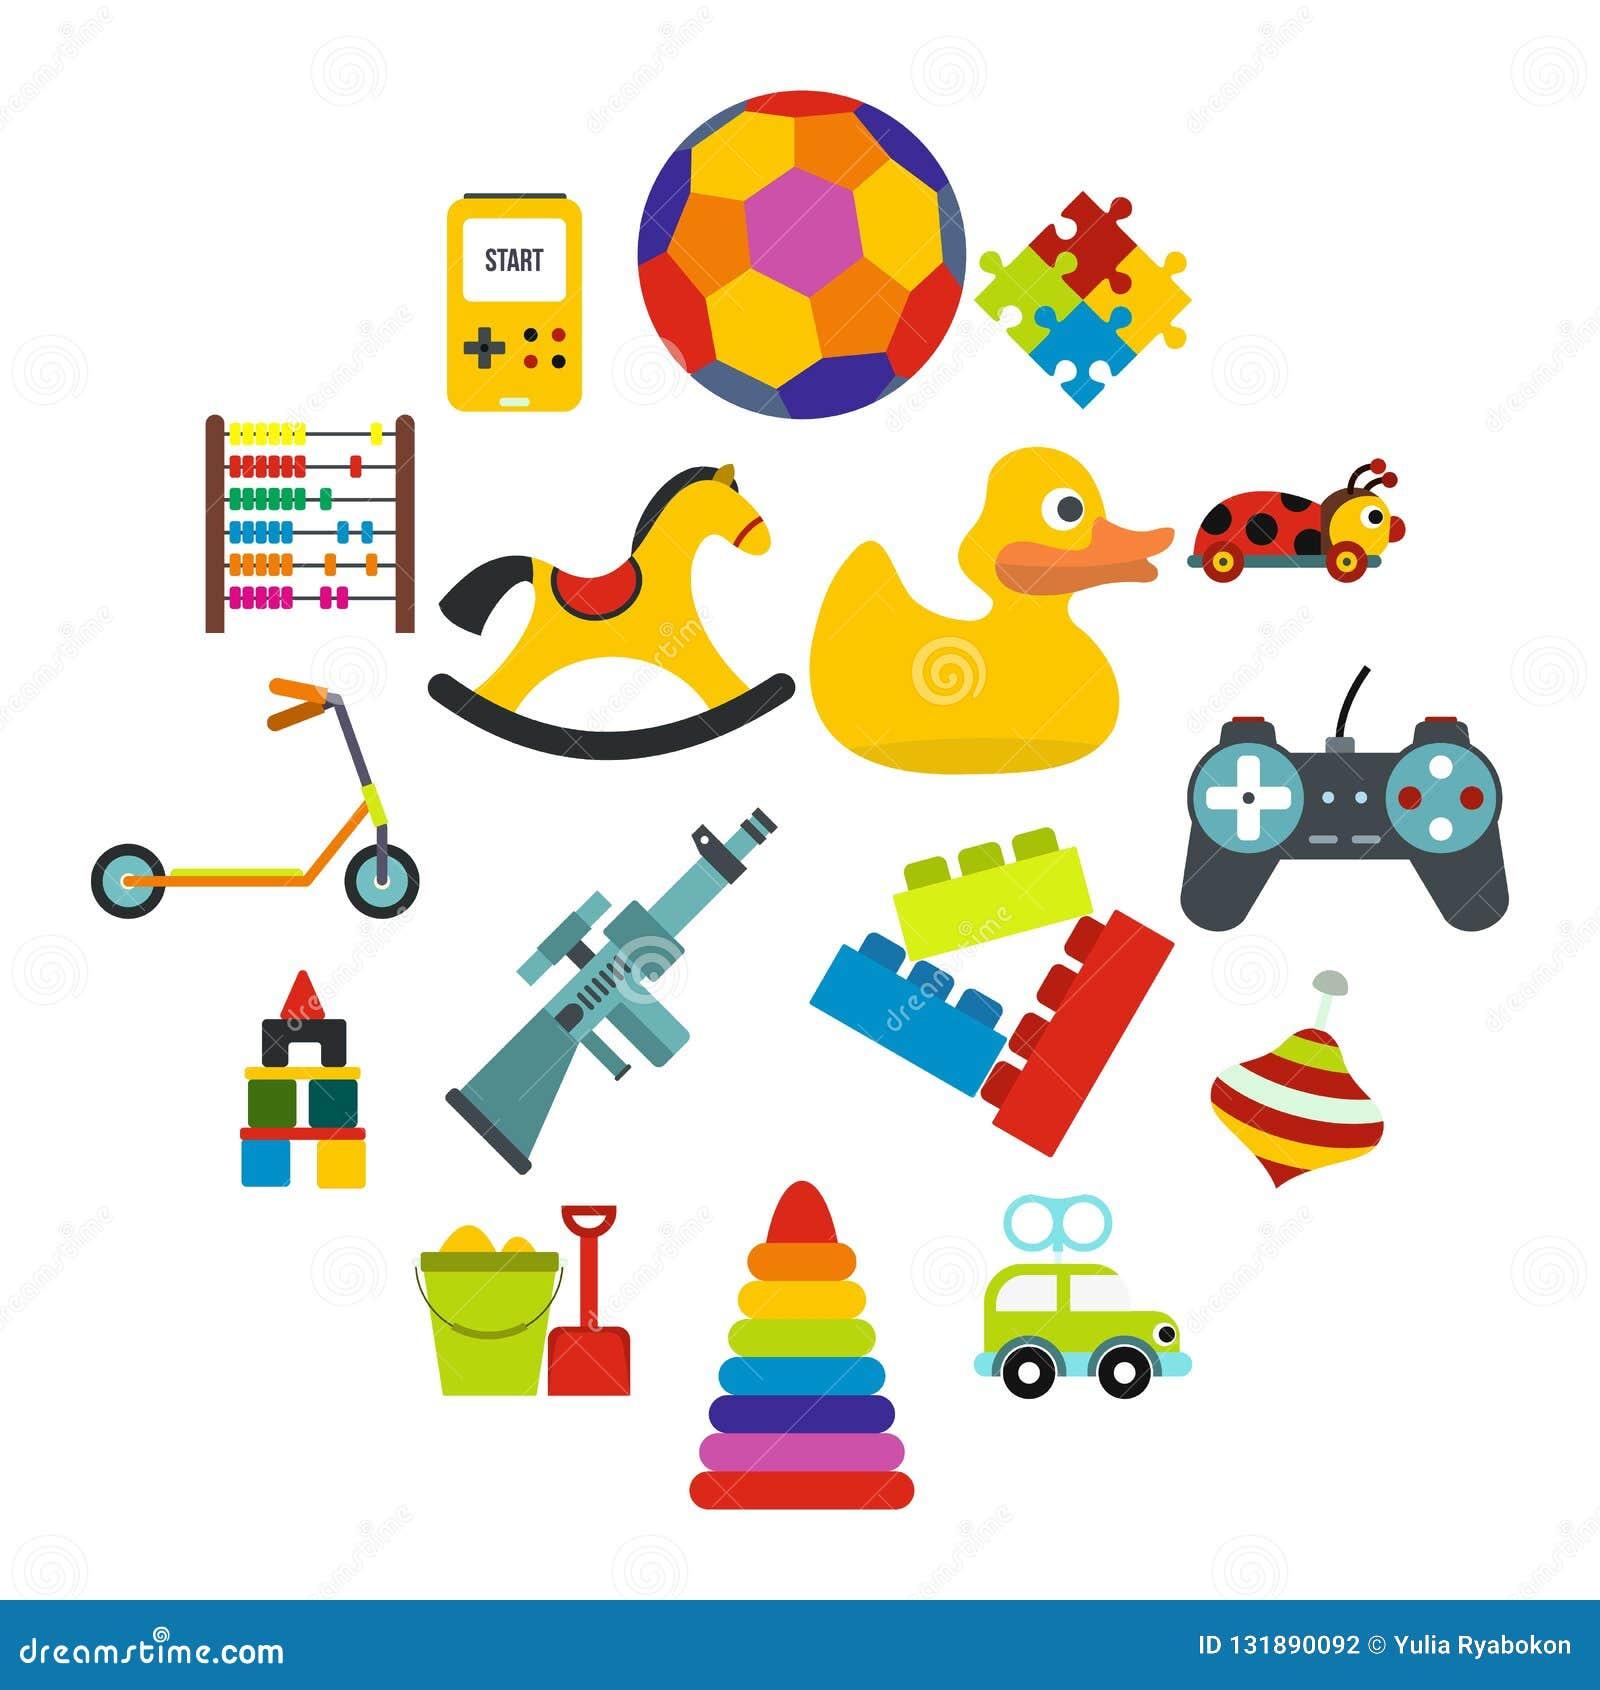 Toys flat icons set. Isolated on white background stock photography